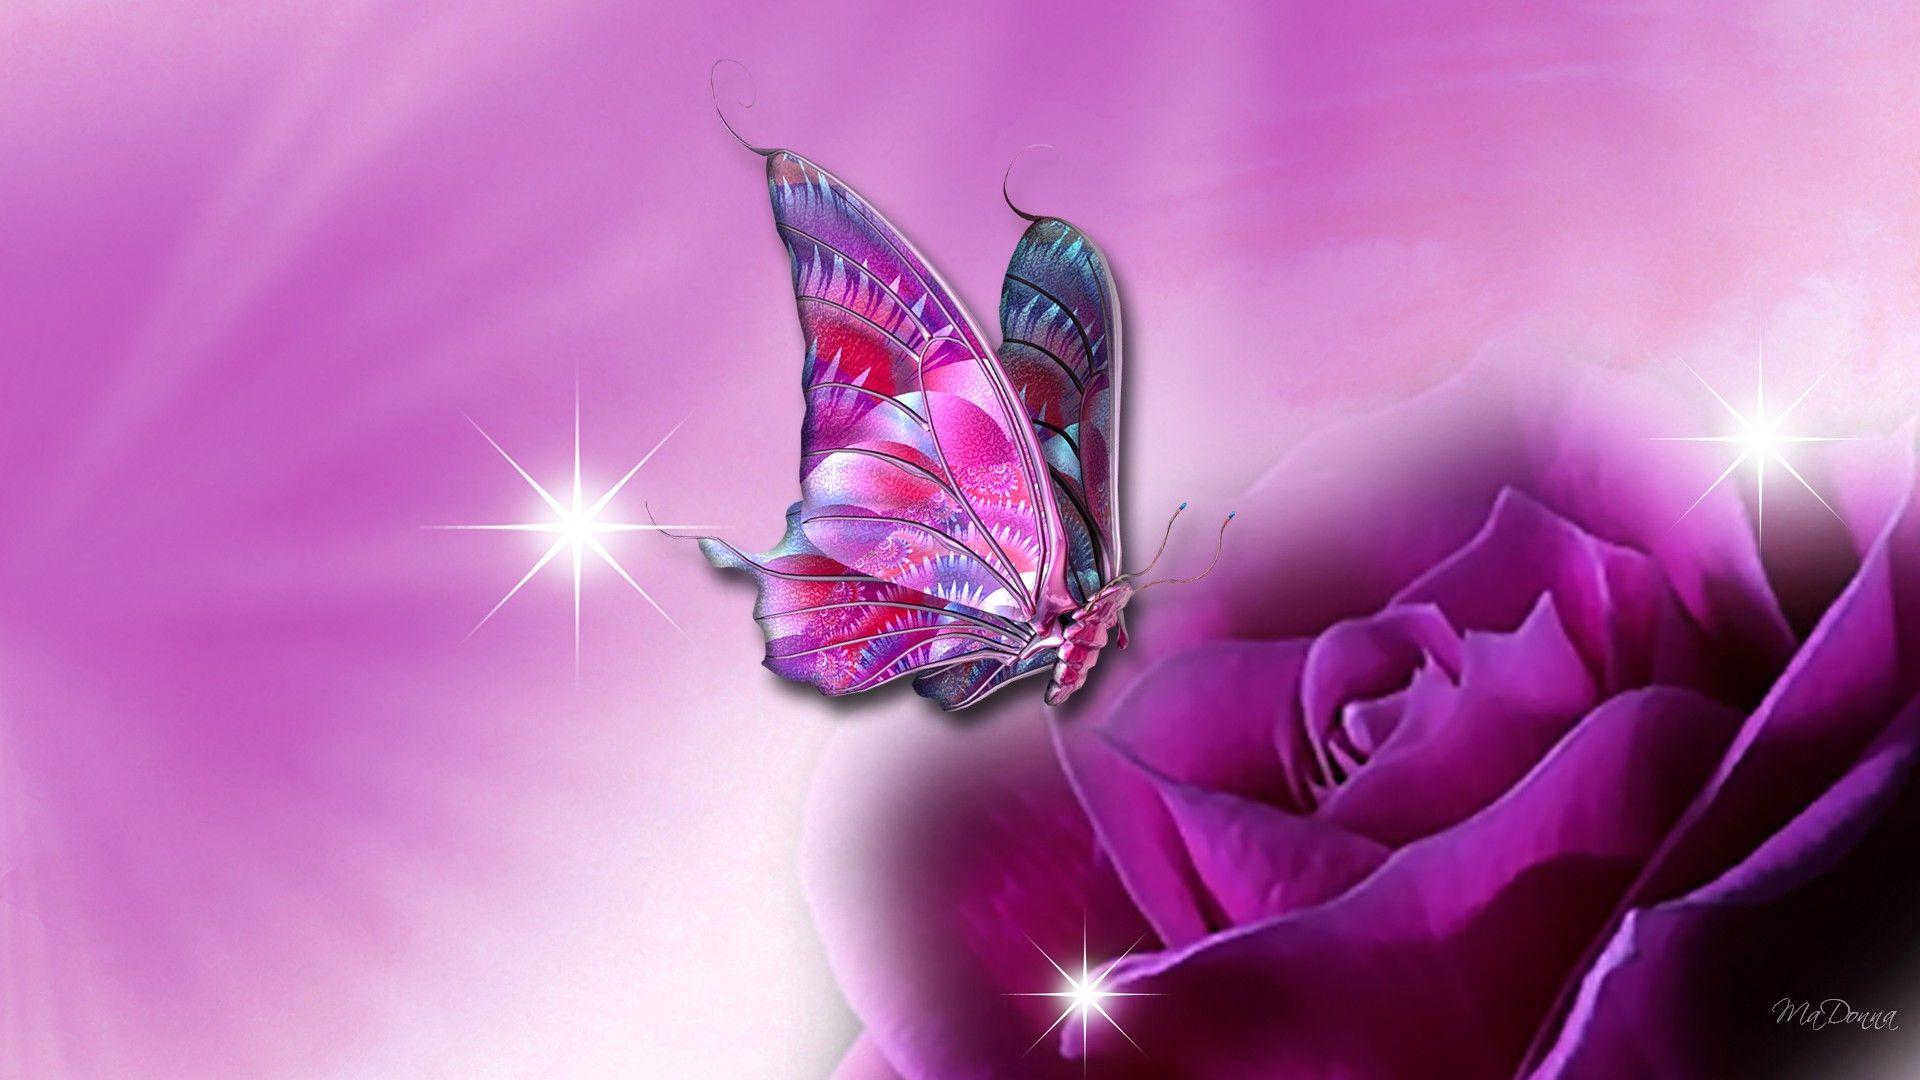 3d Wallpapers 3d Butterfly Wallpaper For Desktop Butterfly Wallpaper Purple Butterfly Beautiful Butterflies